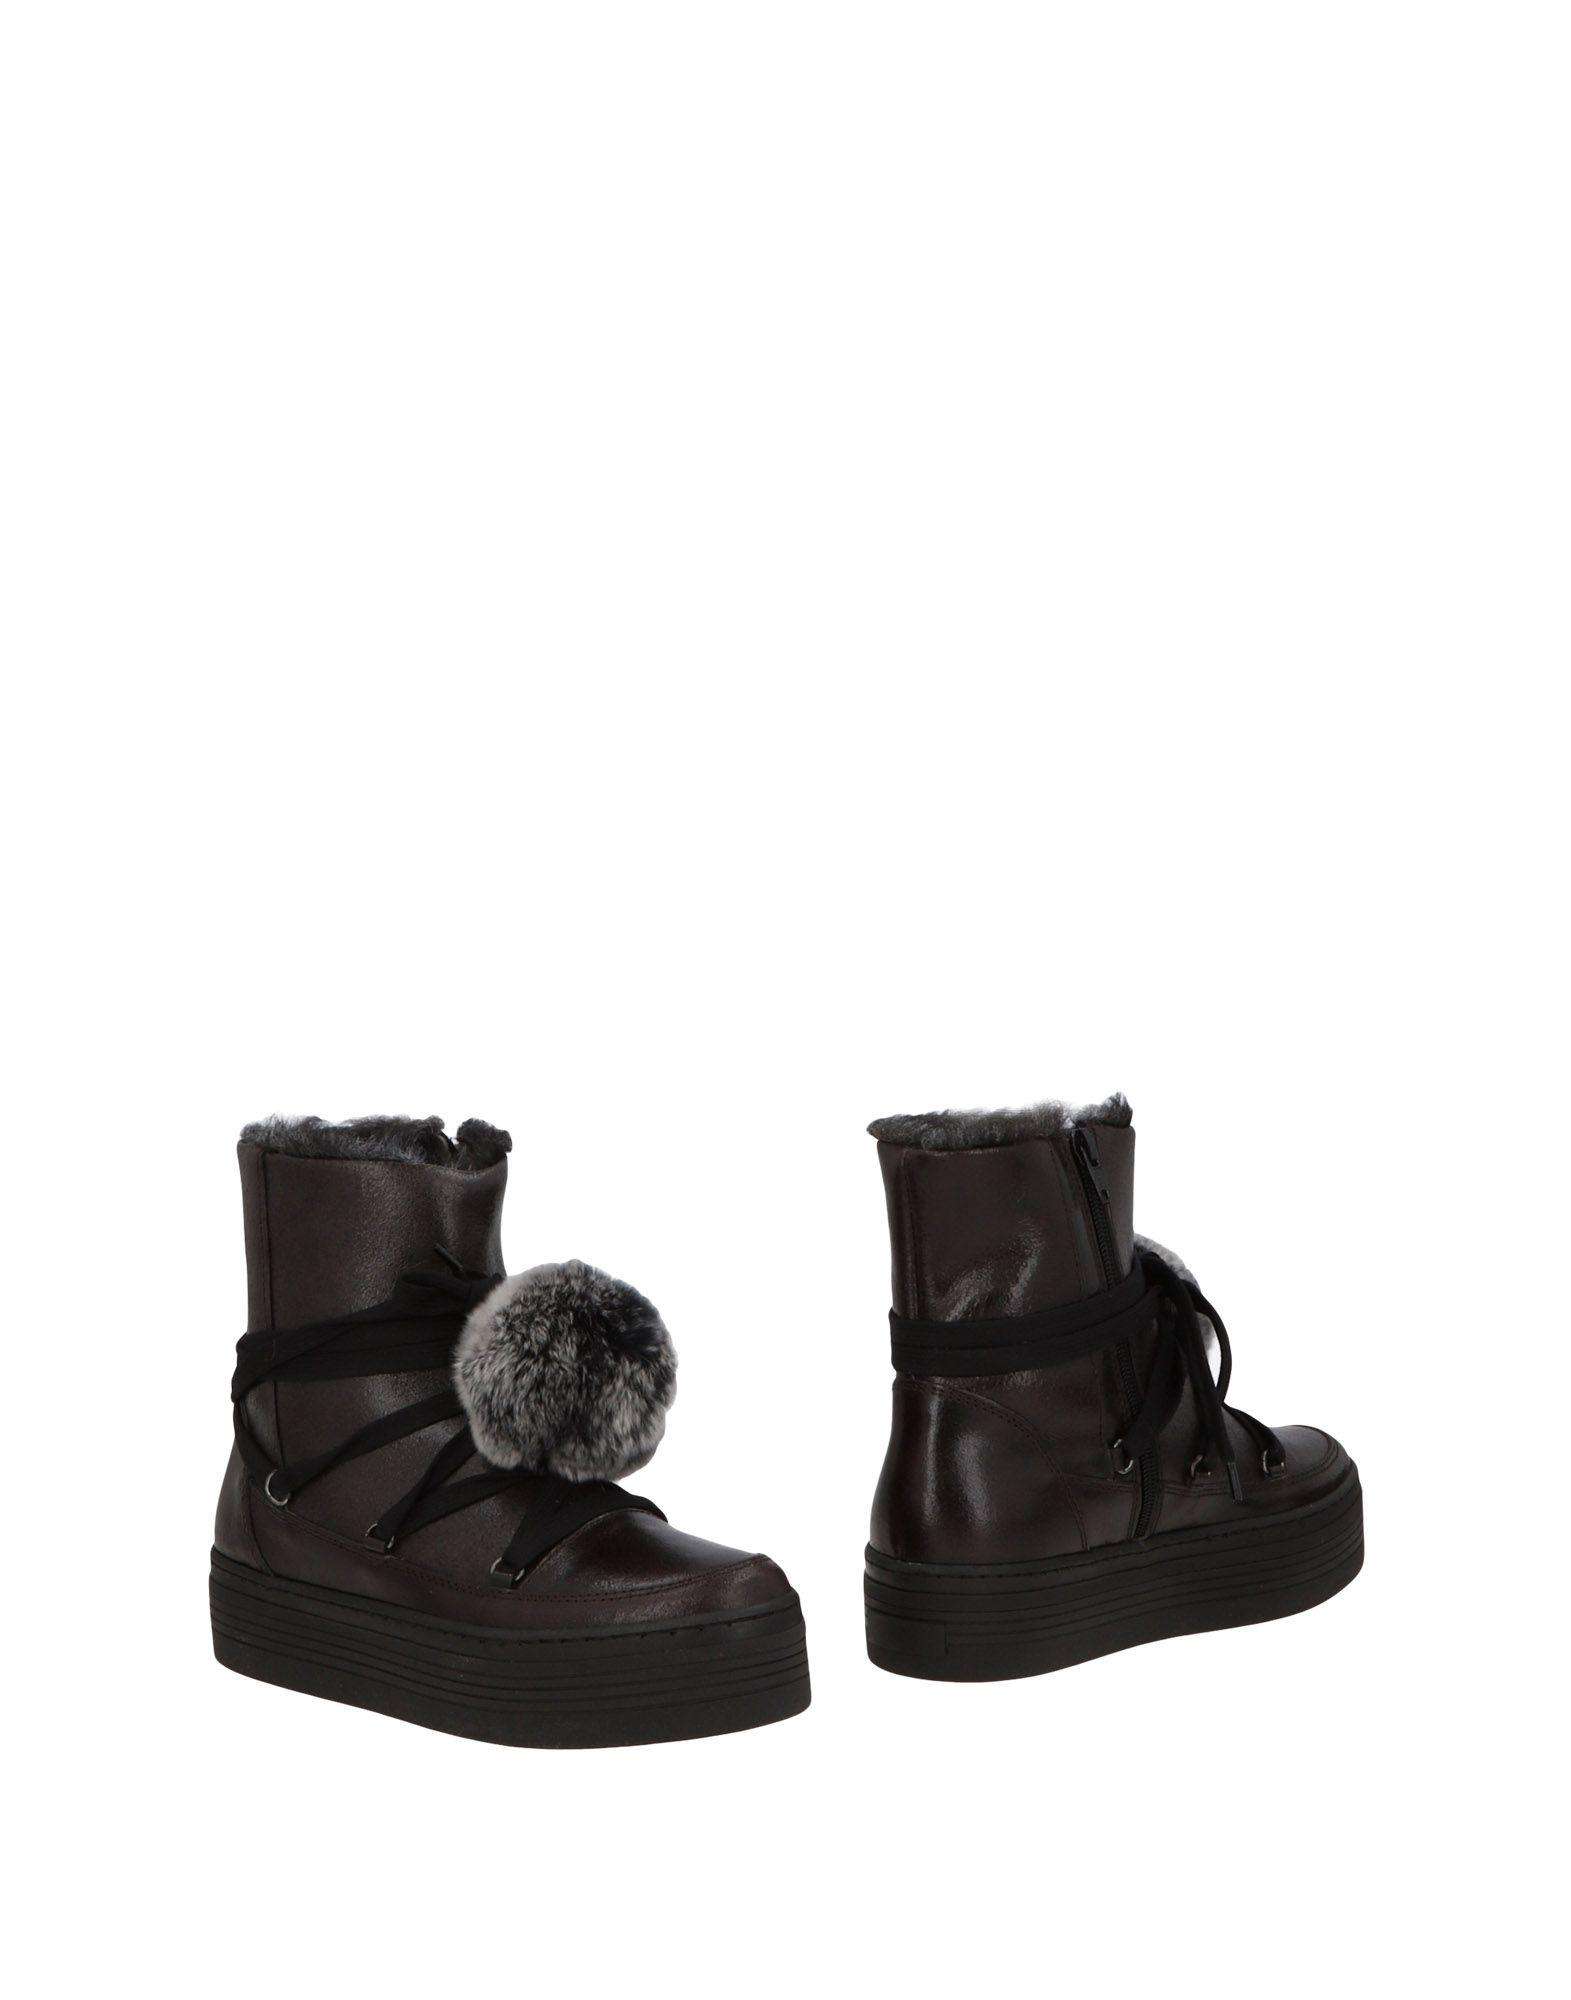 Mally Stiefelette Damen  11473012HL Gute Qualität beliebte Schuhe